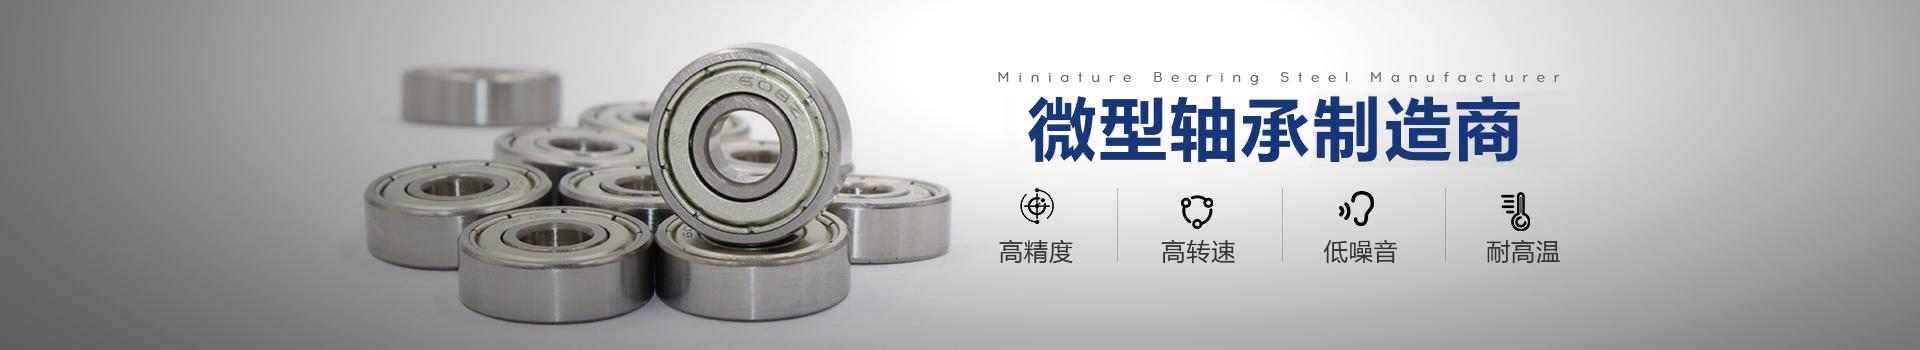 嘉时轴承-微型轴承制造商